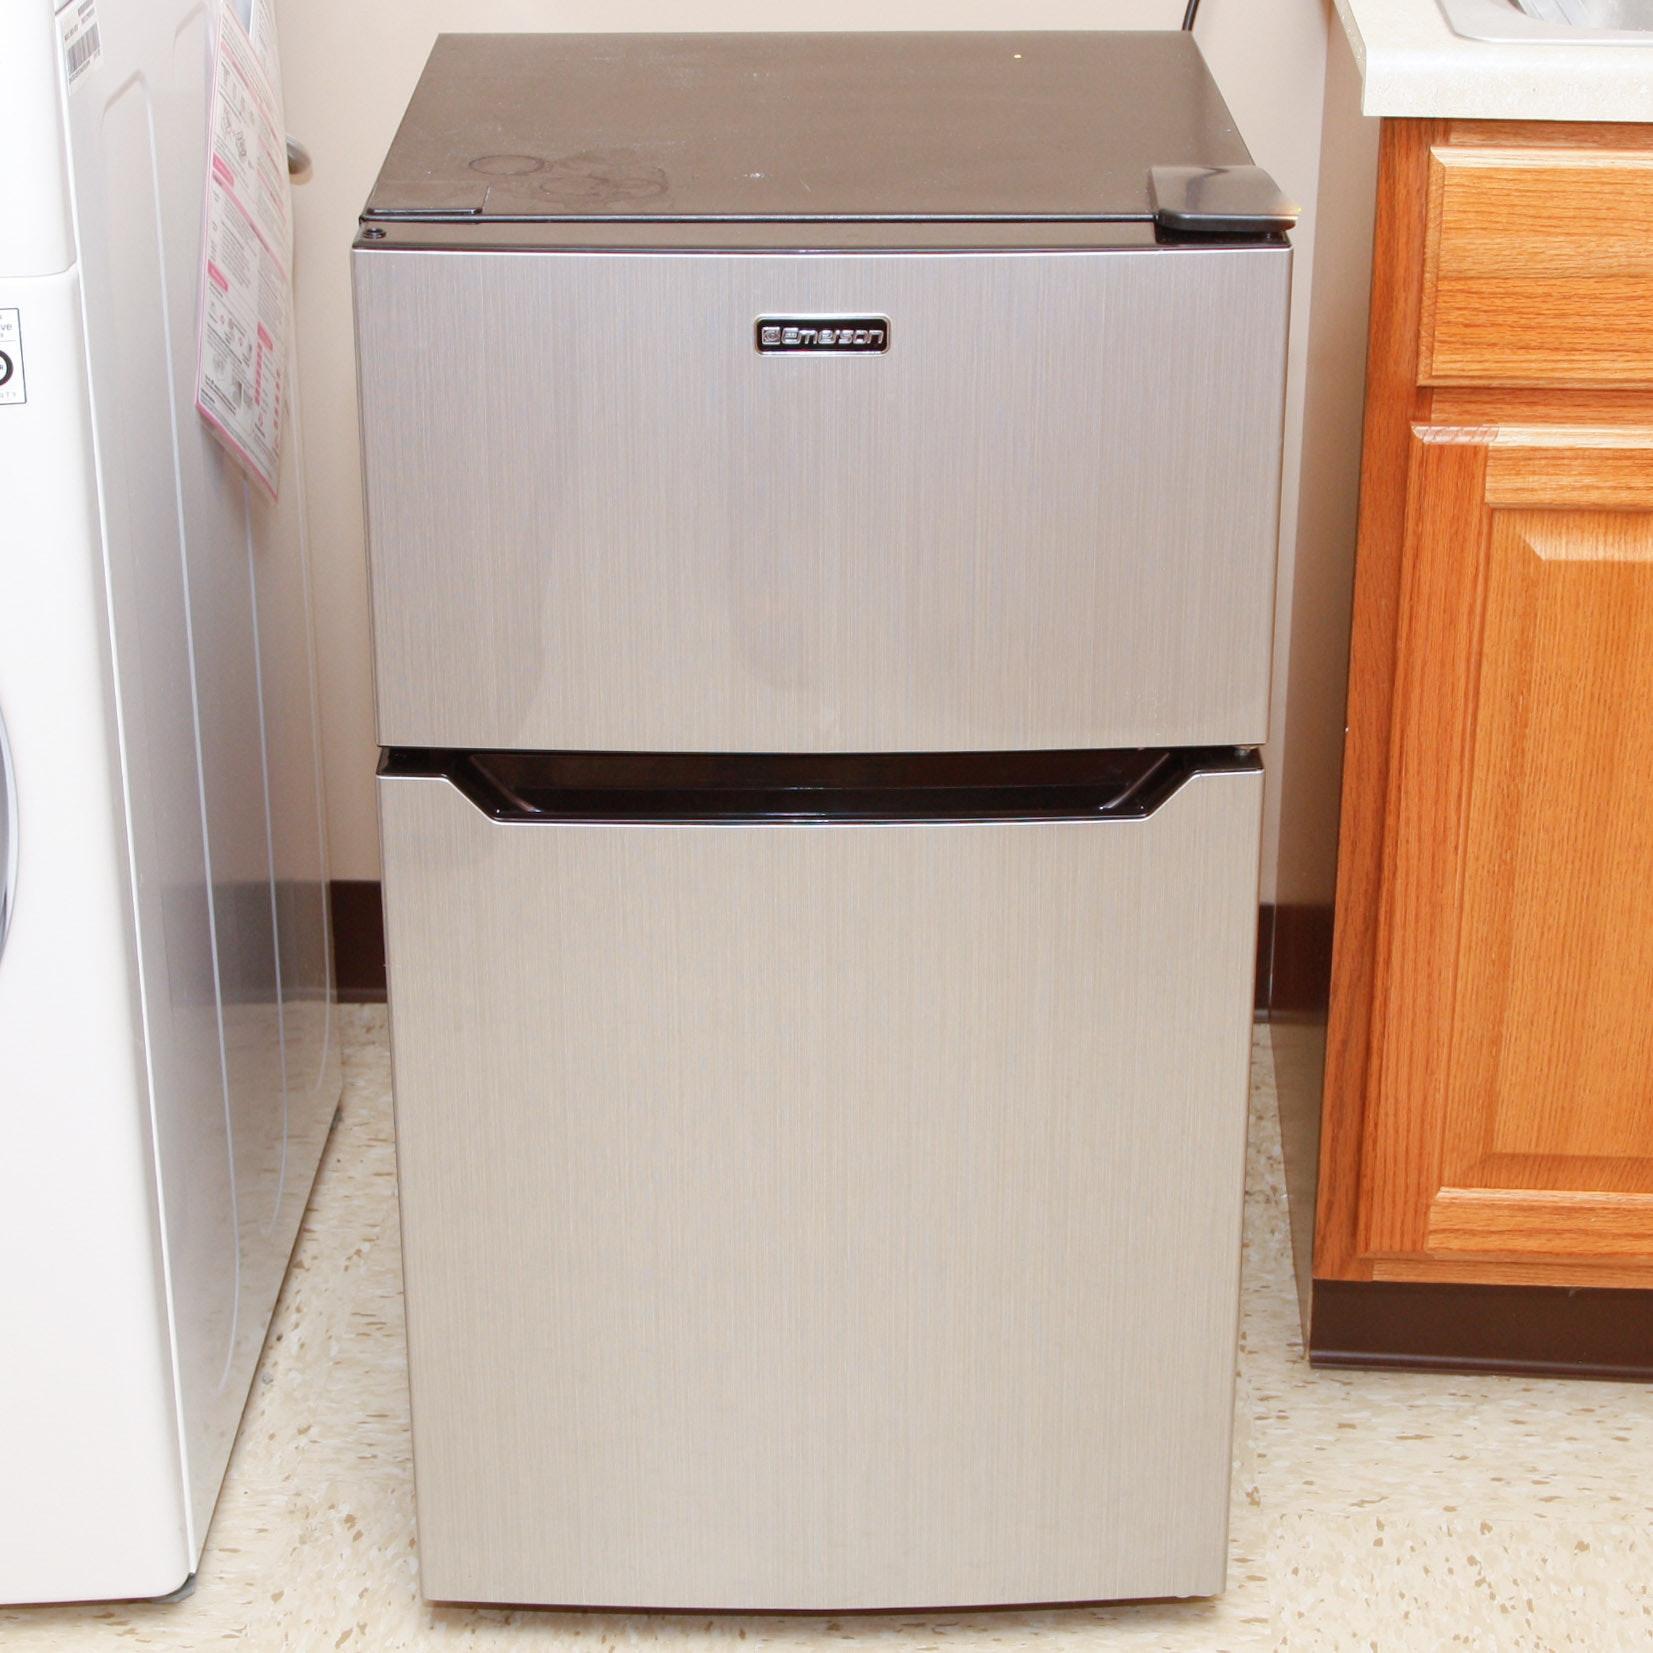 Emerson Double Door Compact Refrigerator Freezer ...